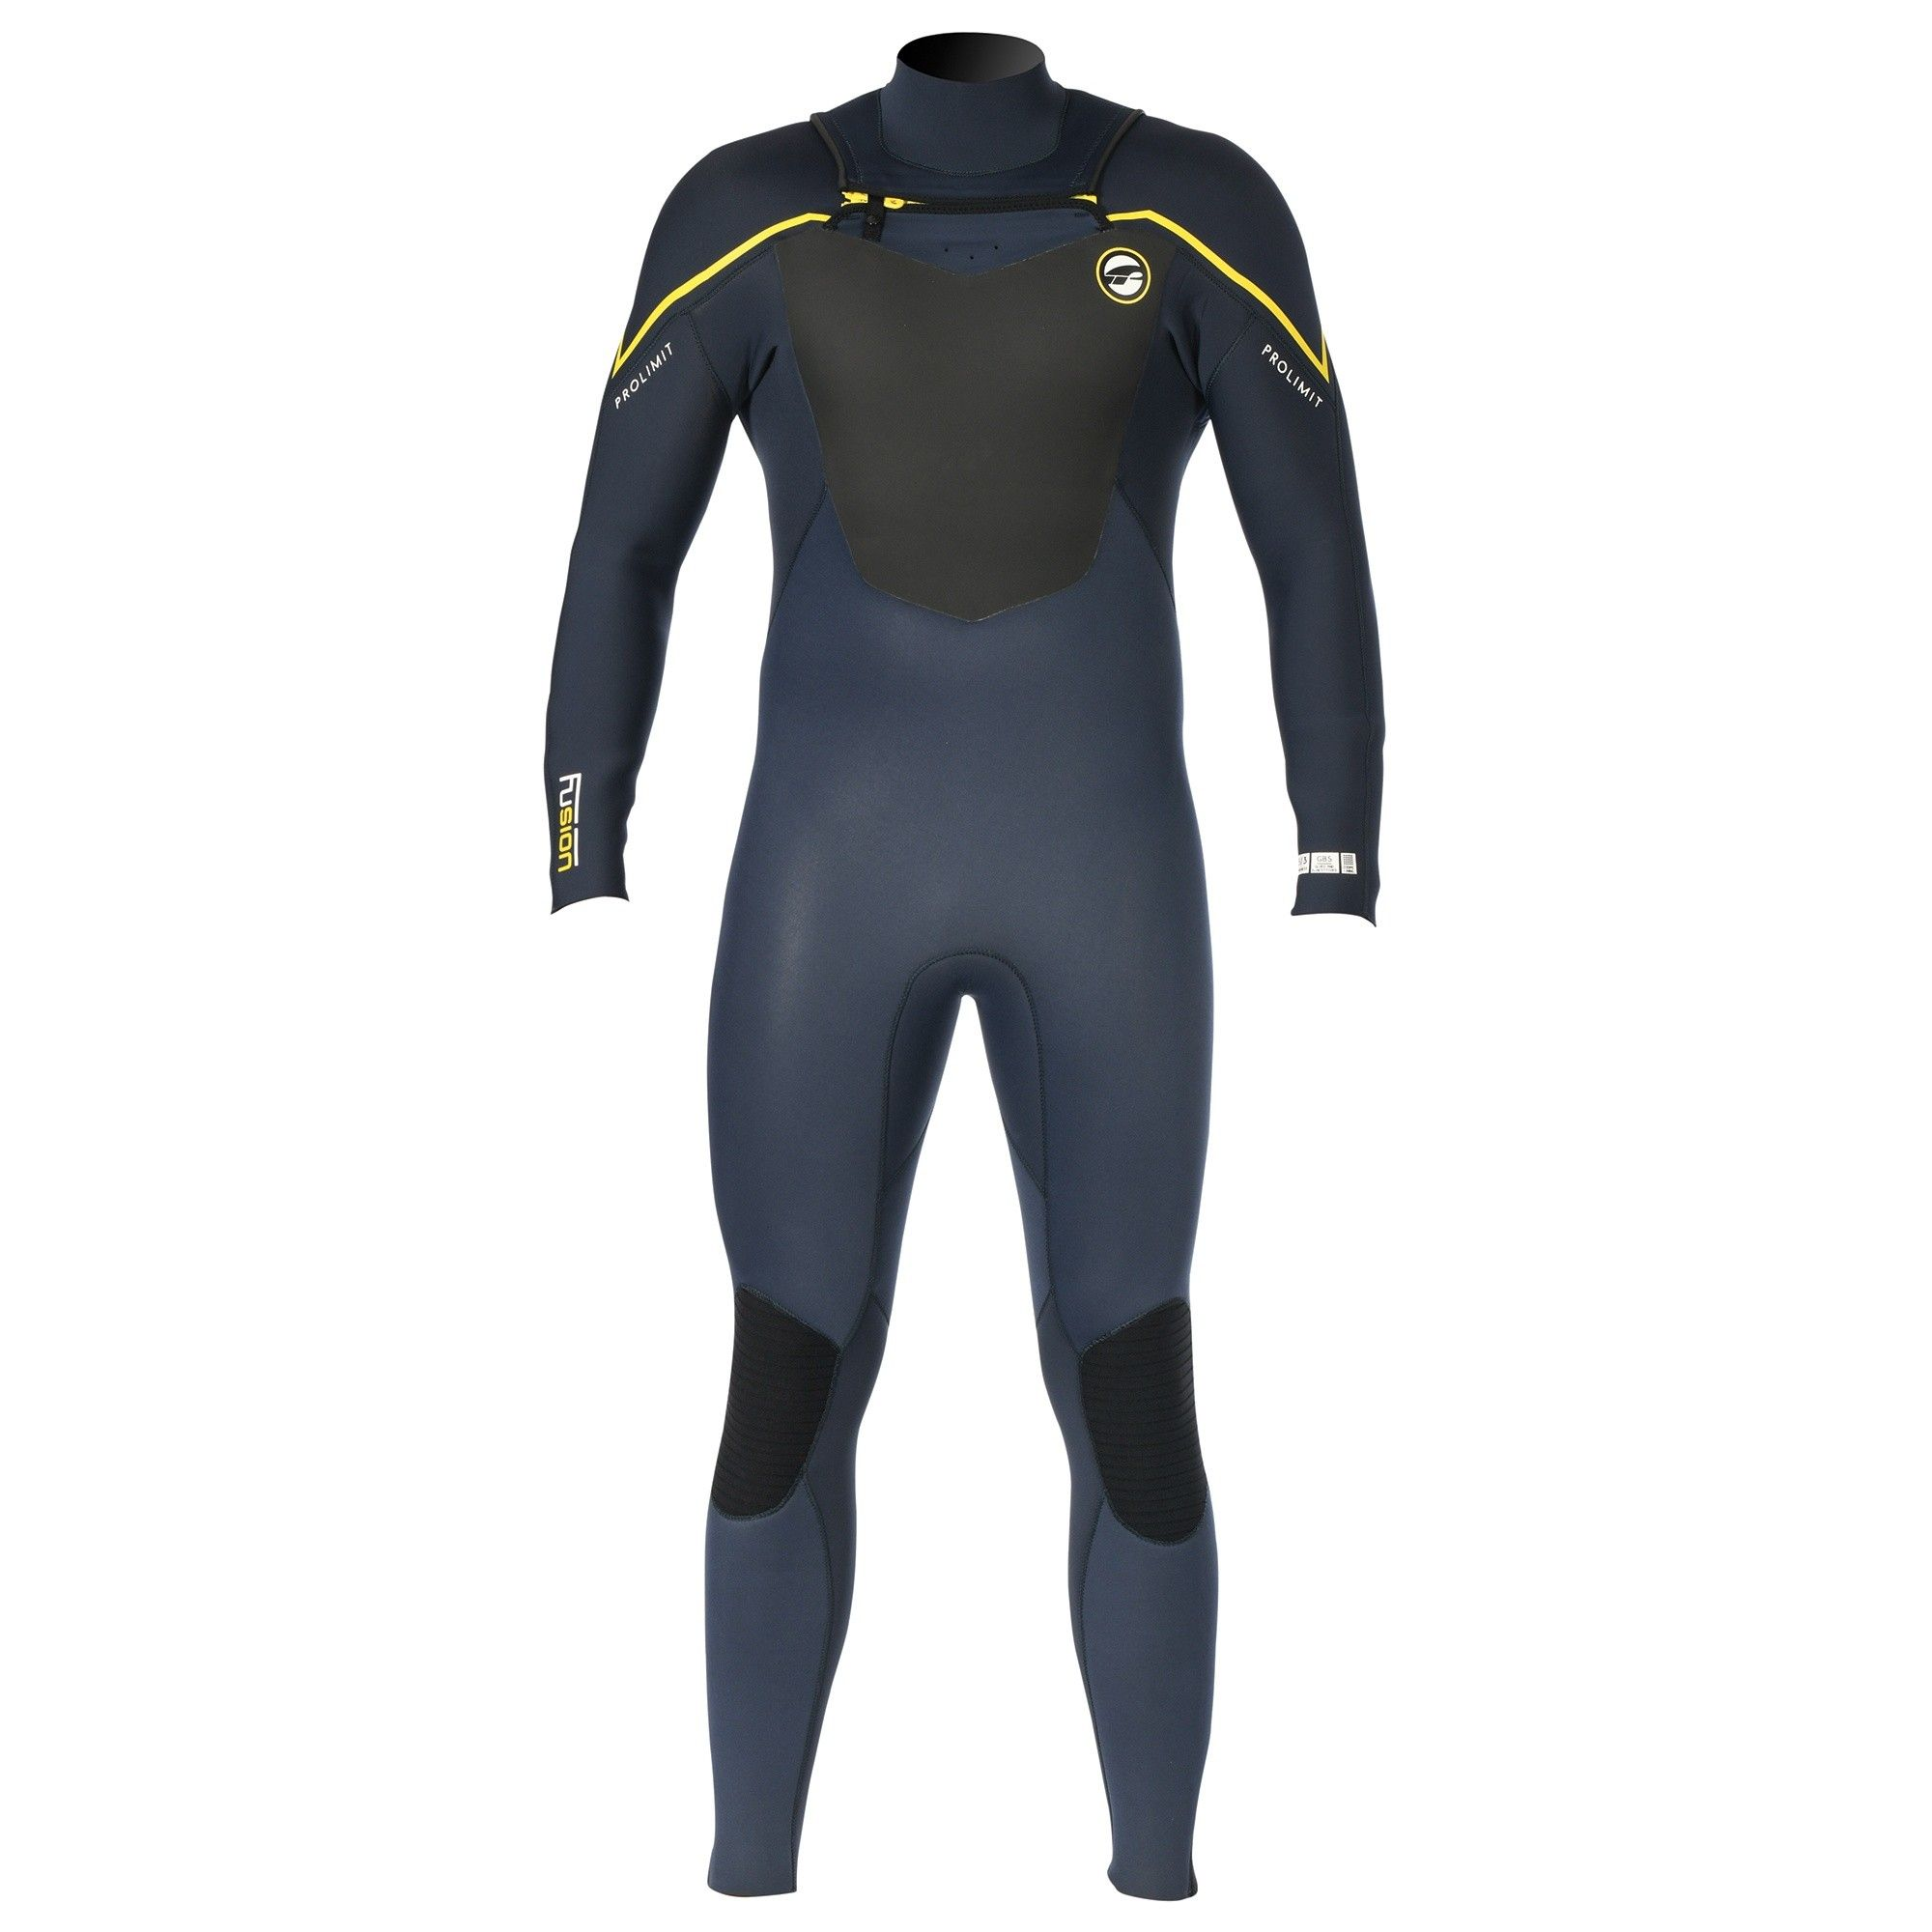 Prolimit wetsuit Freezip Fusion 5/3